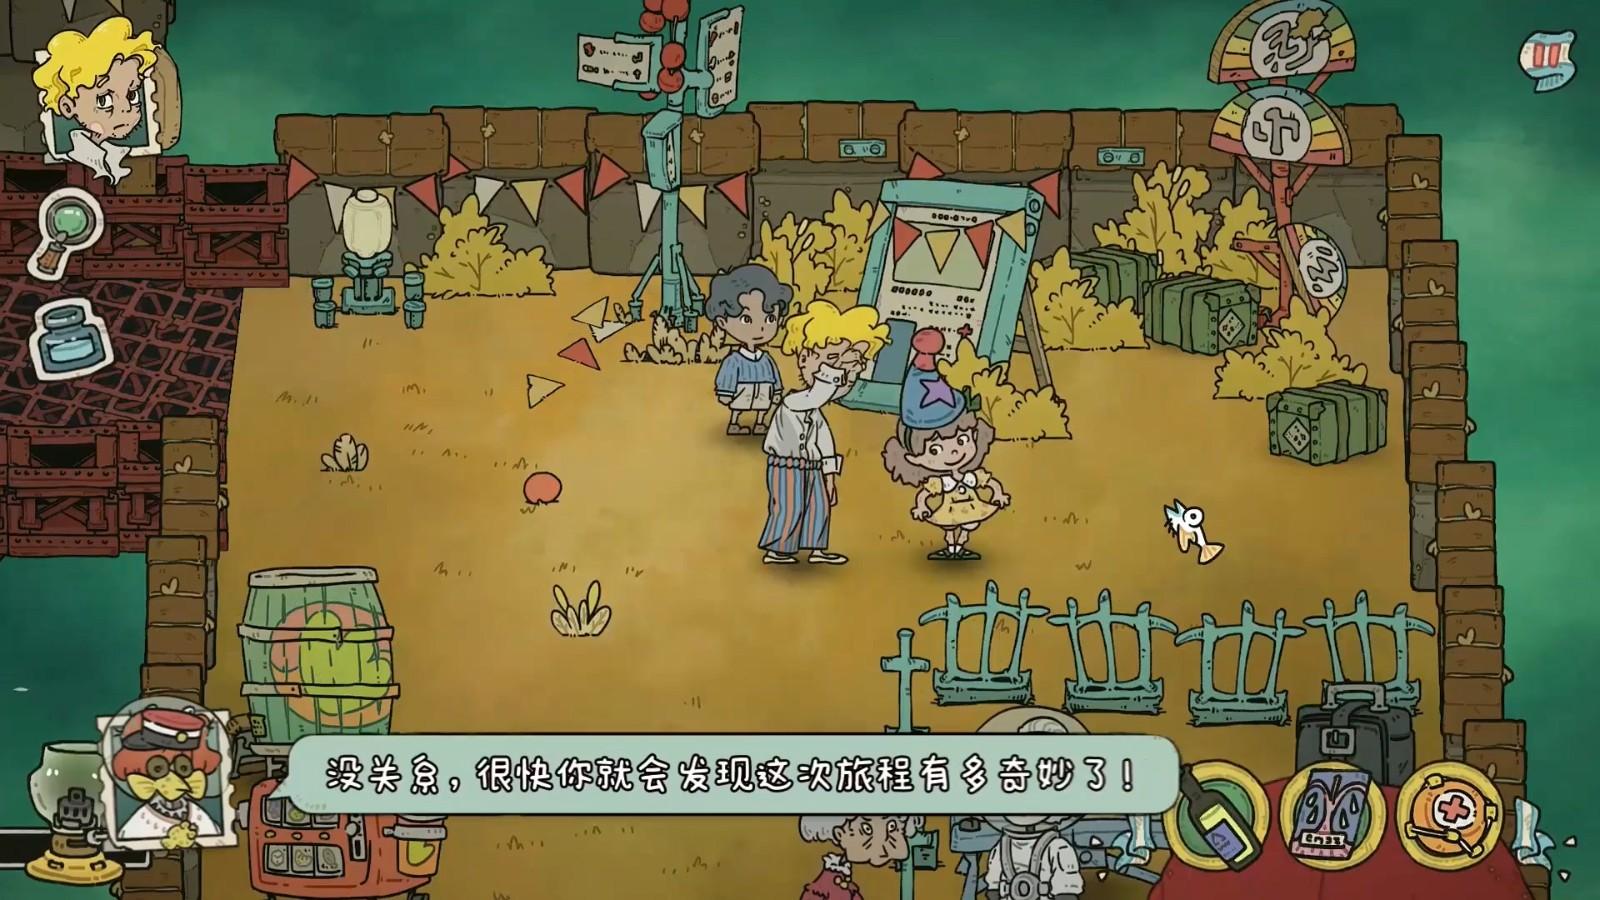 高能电玩节:《巴别号漫游指南》最新宣传片插图7